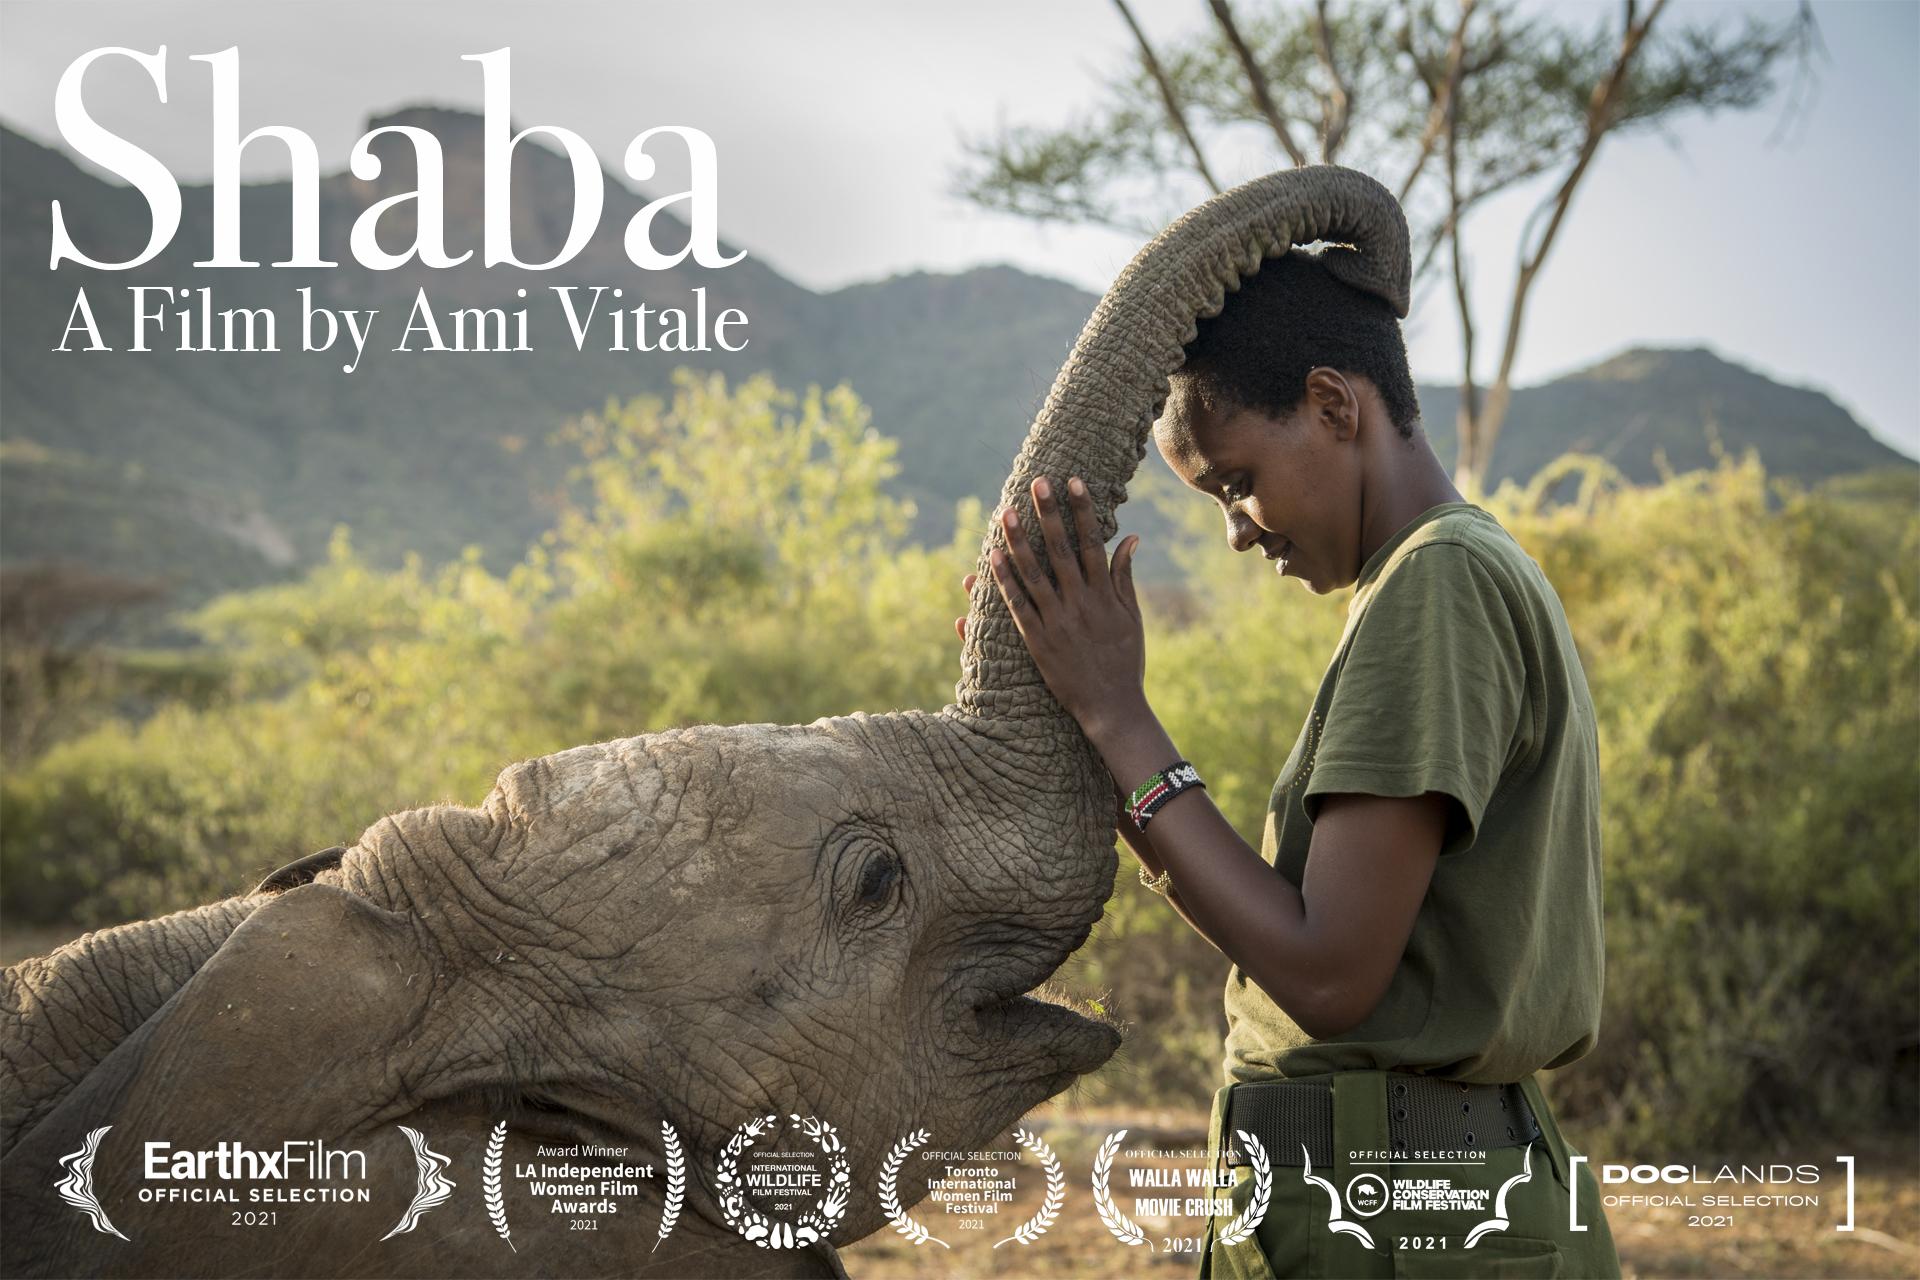 Toronto Film Magazine: About Shaba